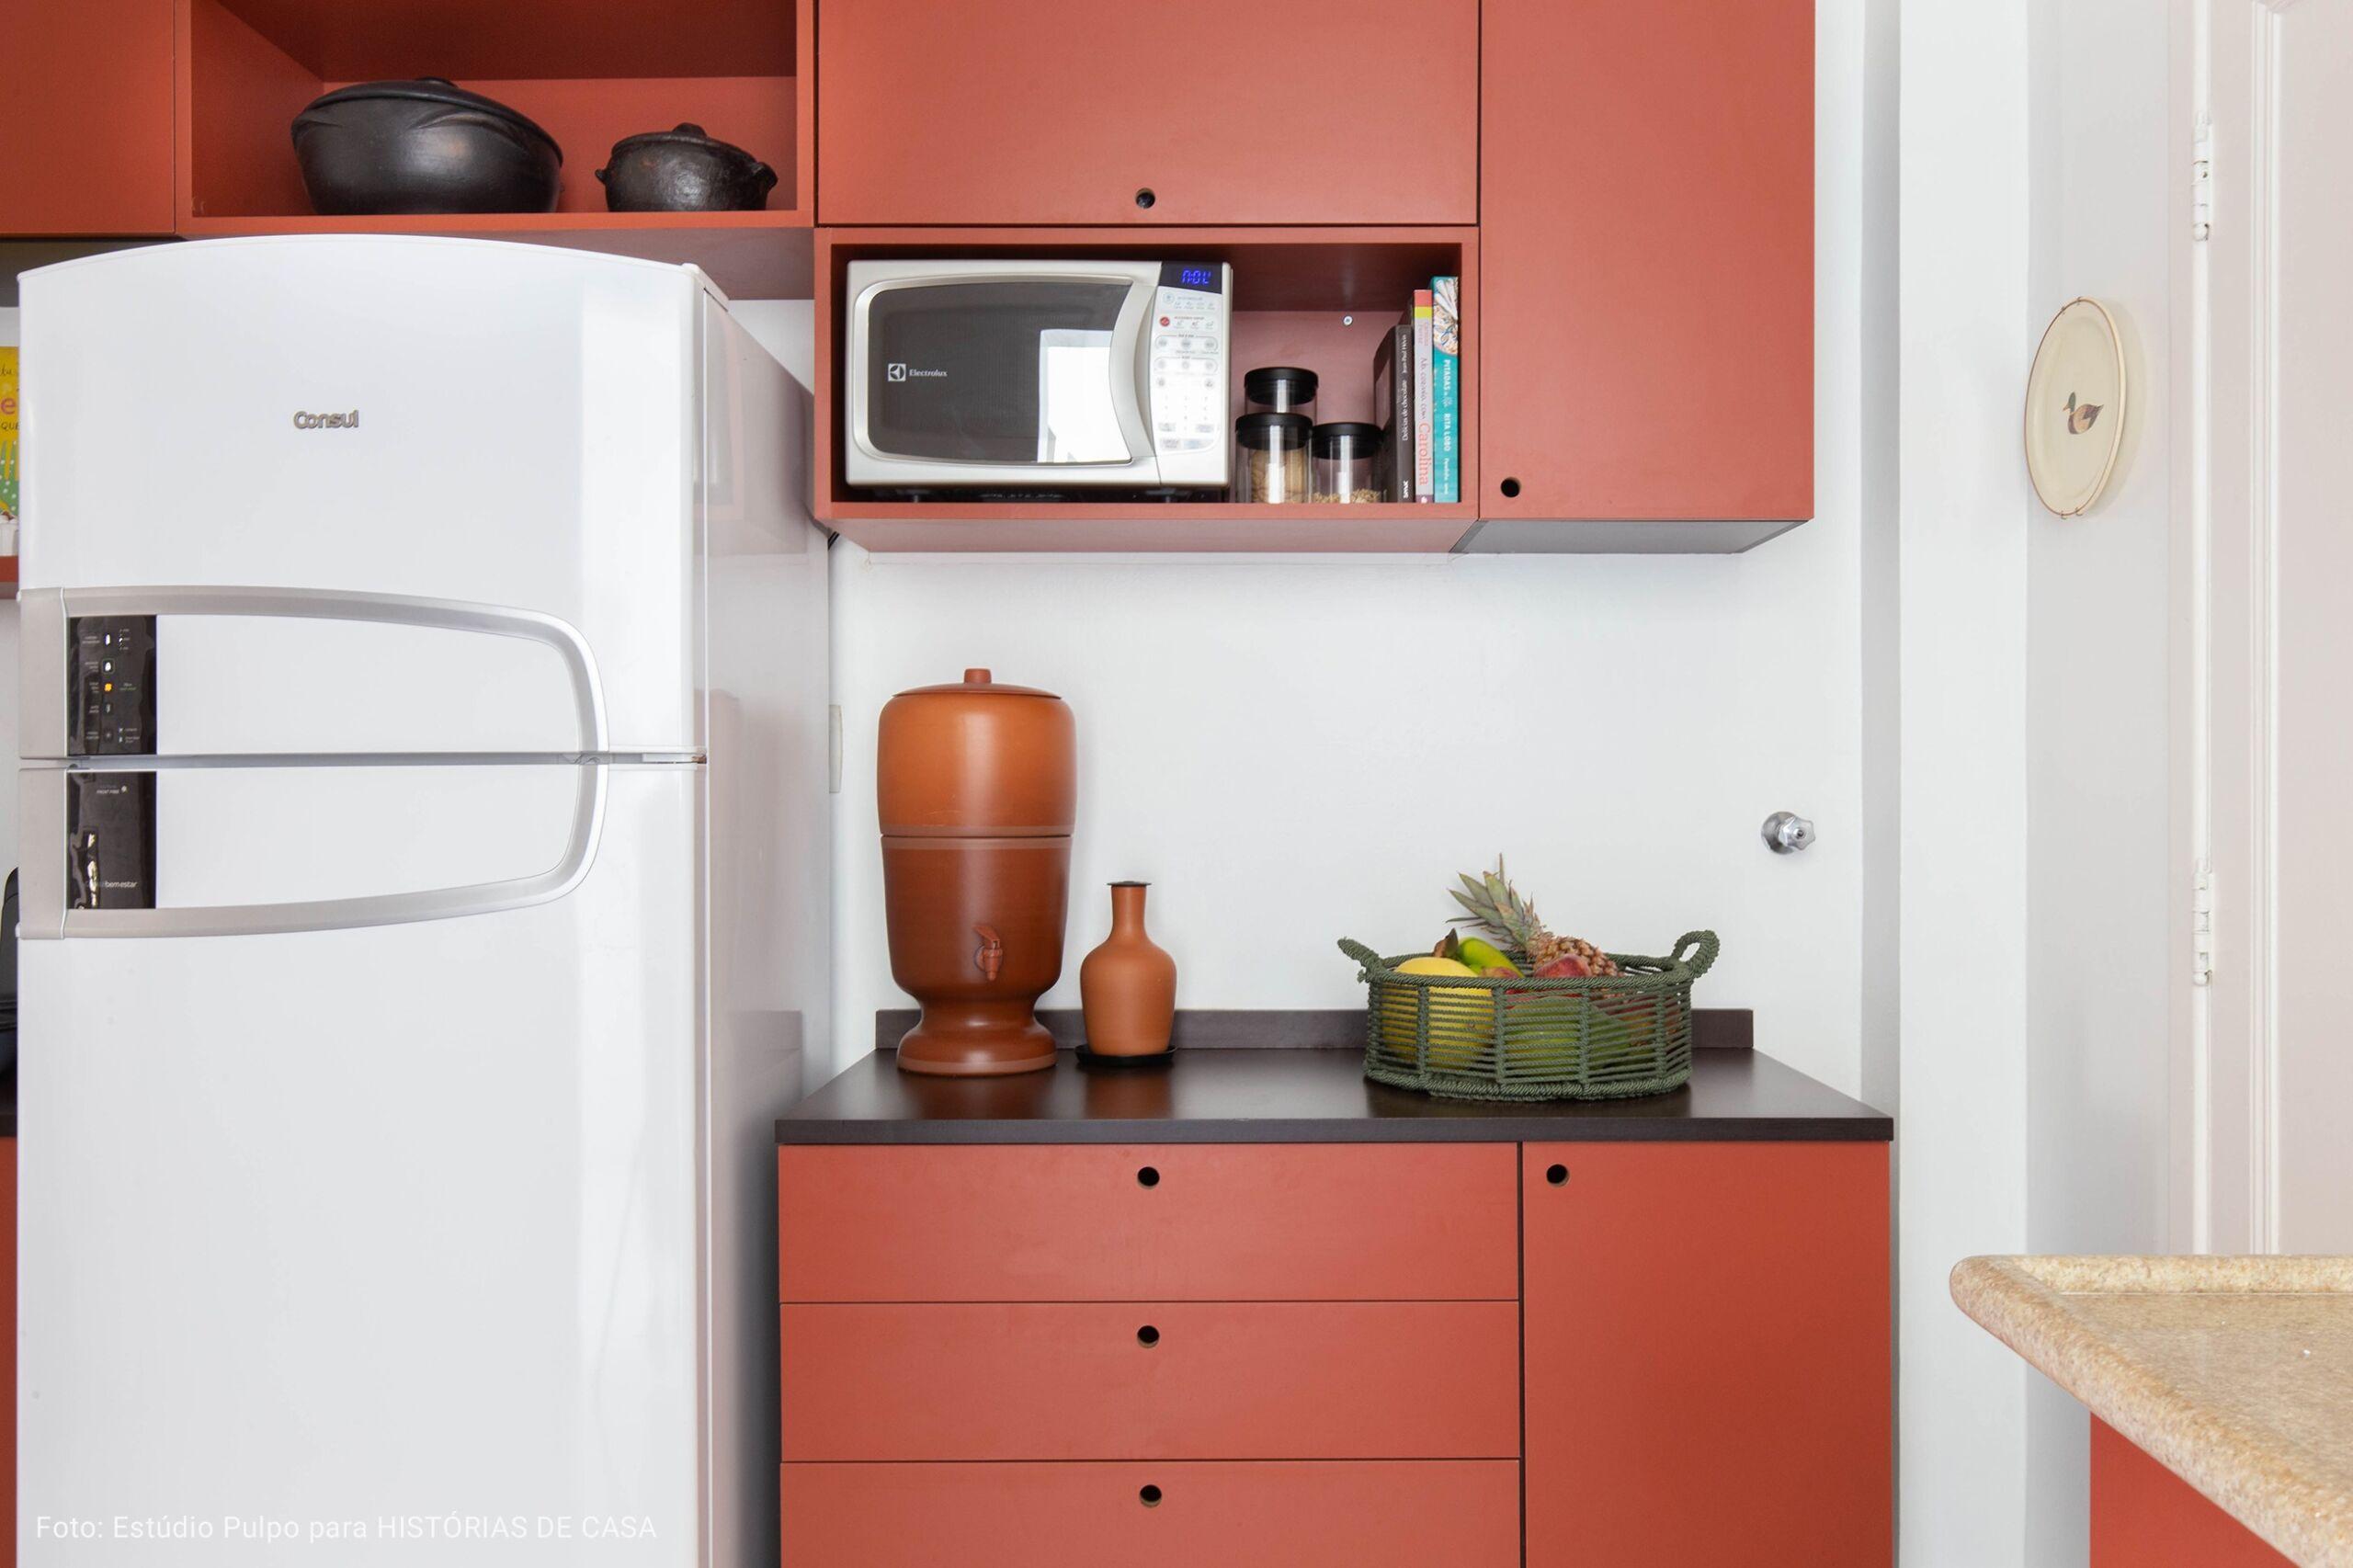 cozinha com filtro de barro